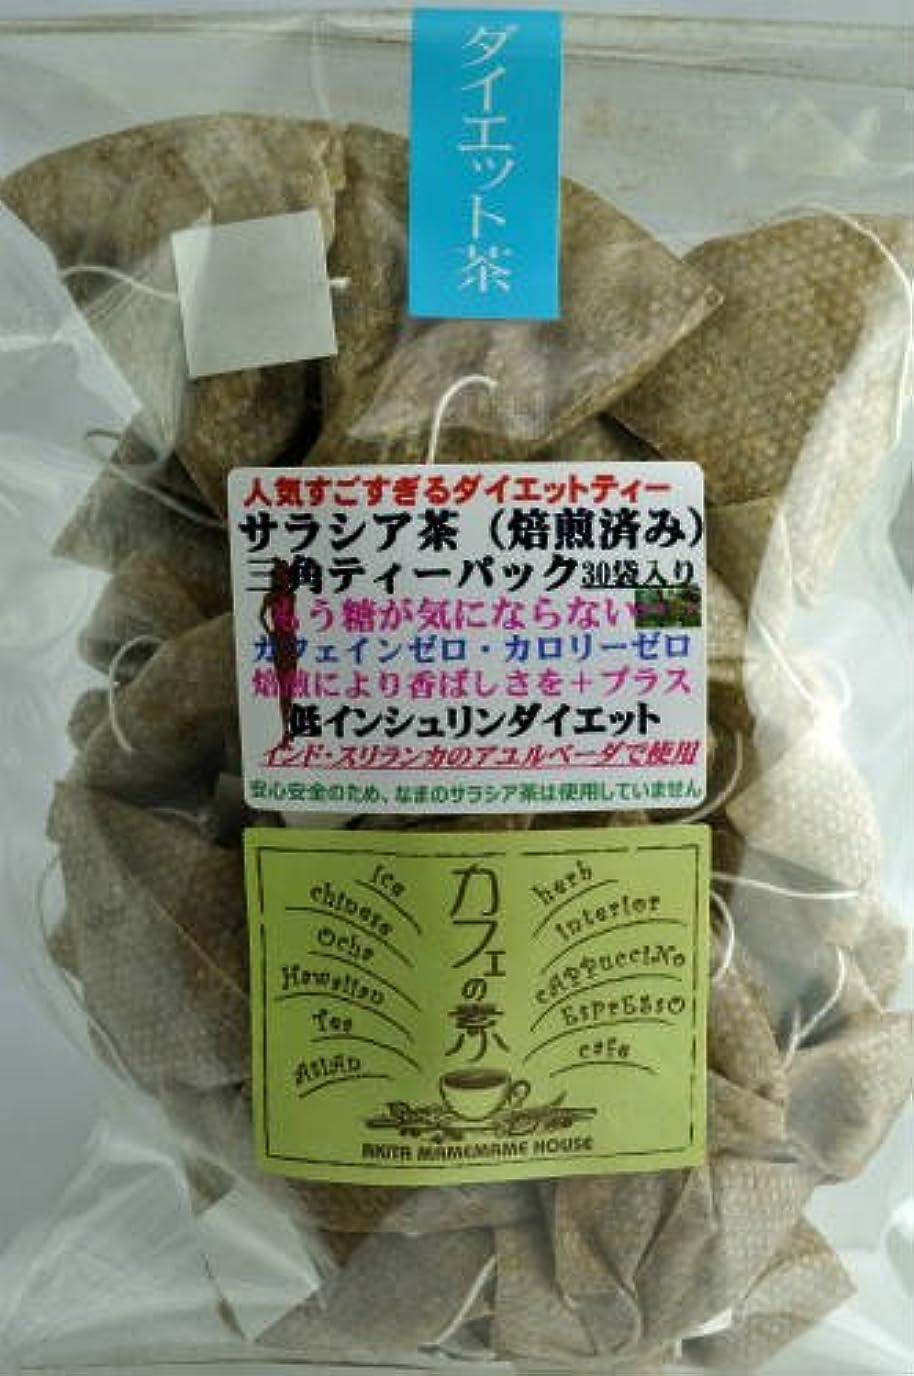 コショウ時間厳守厳しいダイエットサラシア茶(焙煎済み)三角ティーパック【2.5g×30個入り】